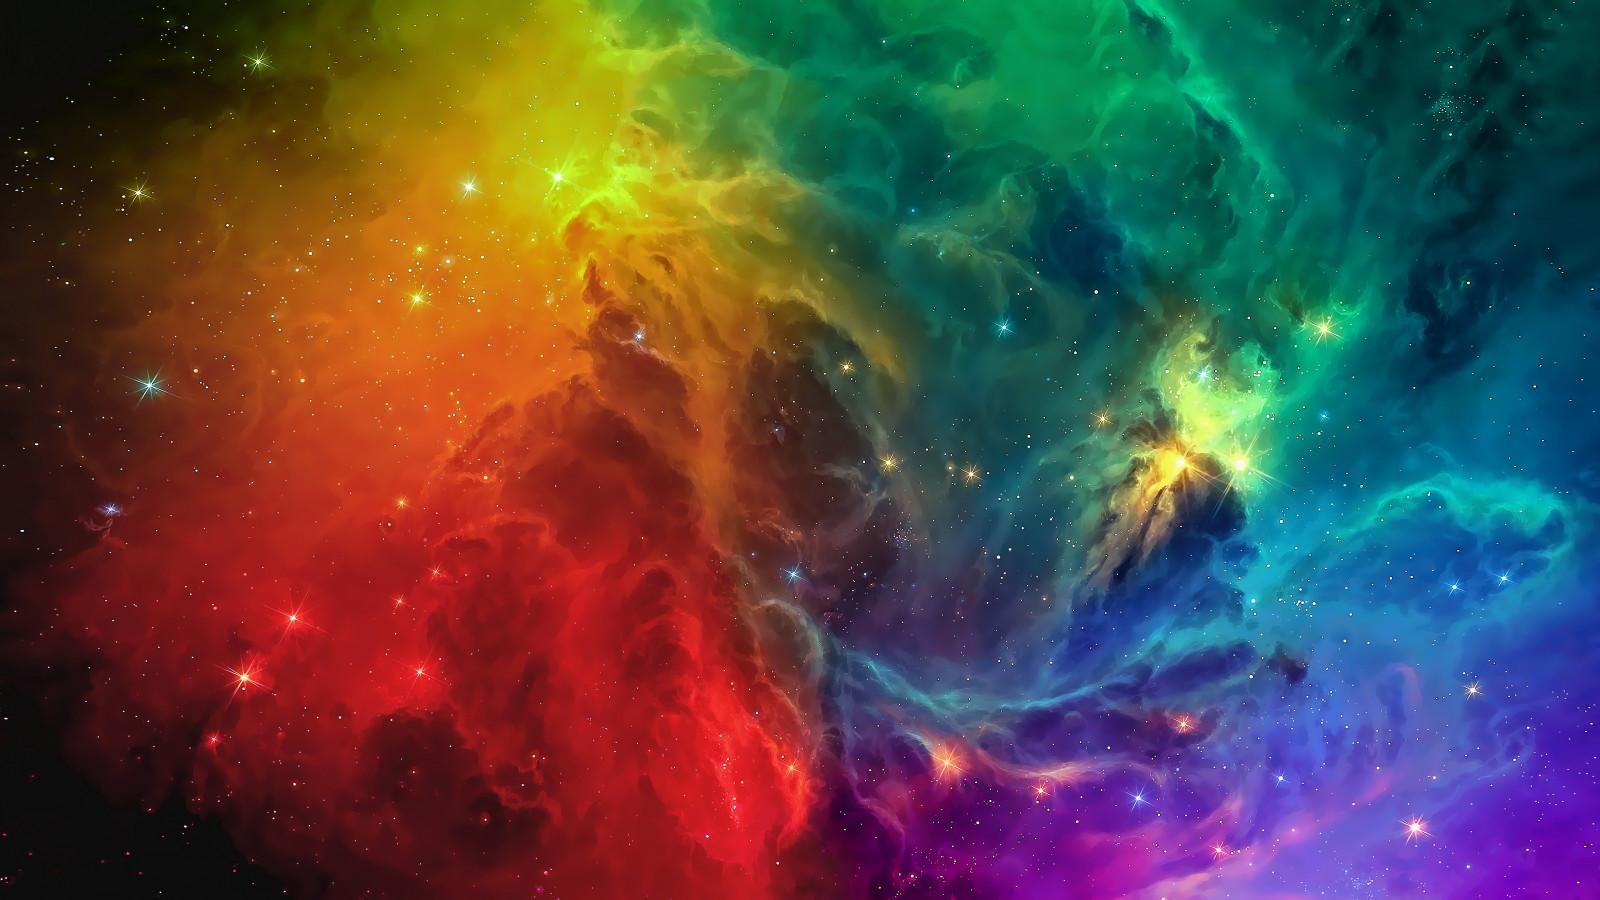 Fondos de pantalla galaxia espacio estrellas universo paisajes espaciales nebulosa - Galaxy nebula live wallpaper ...